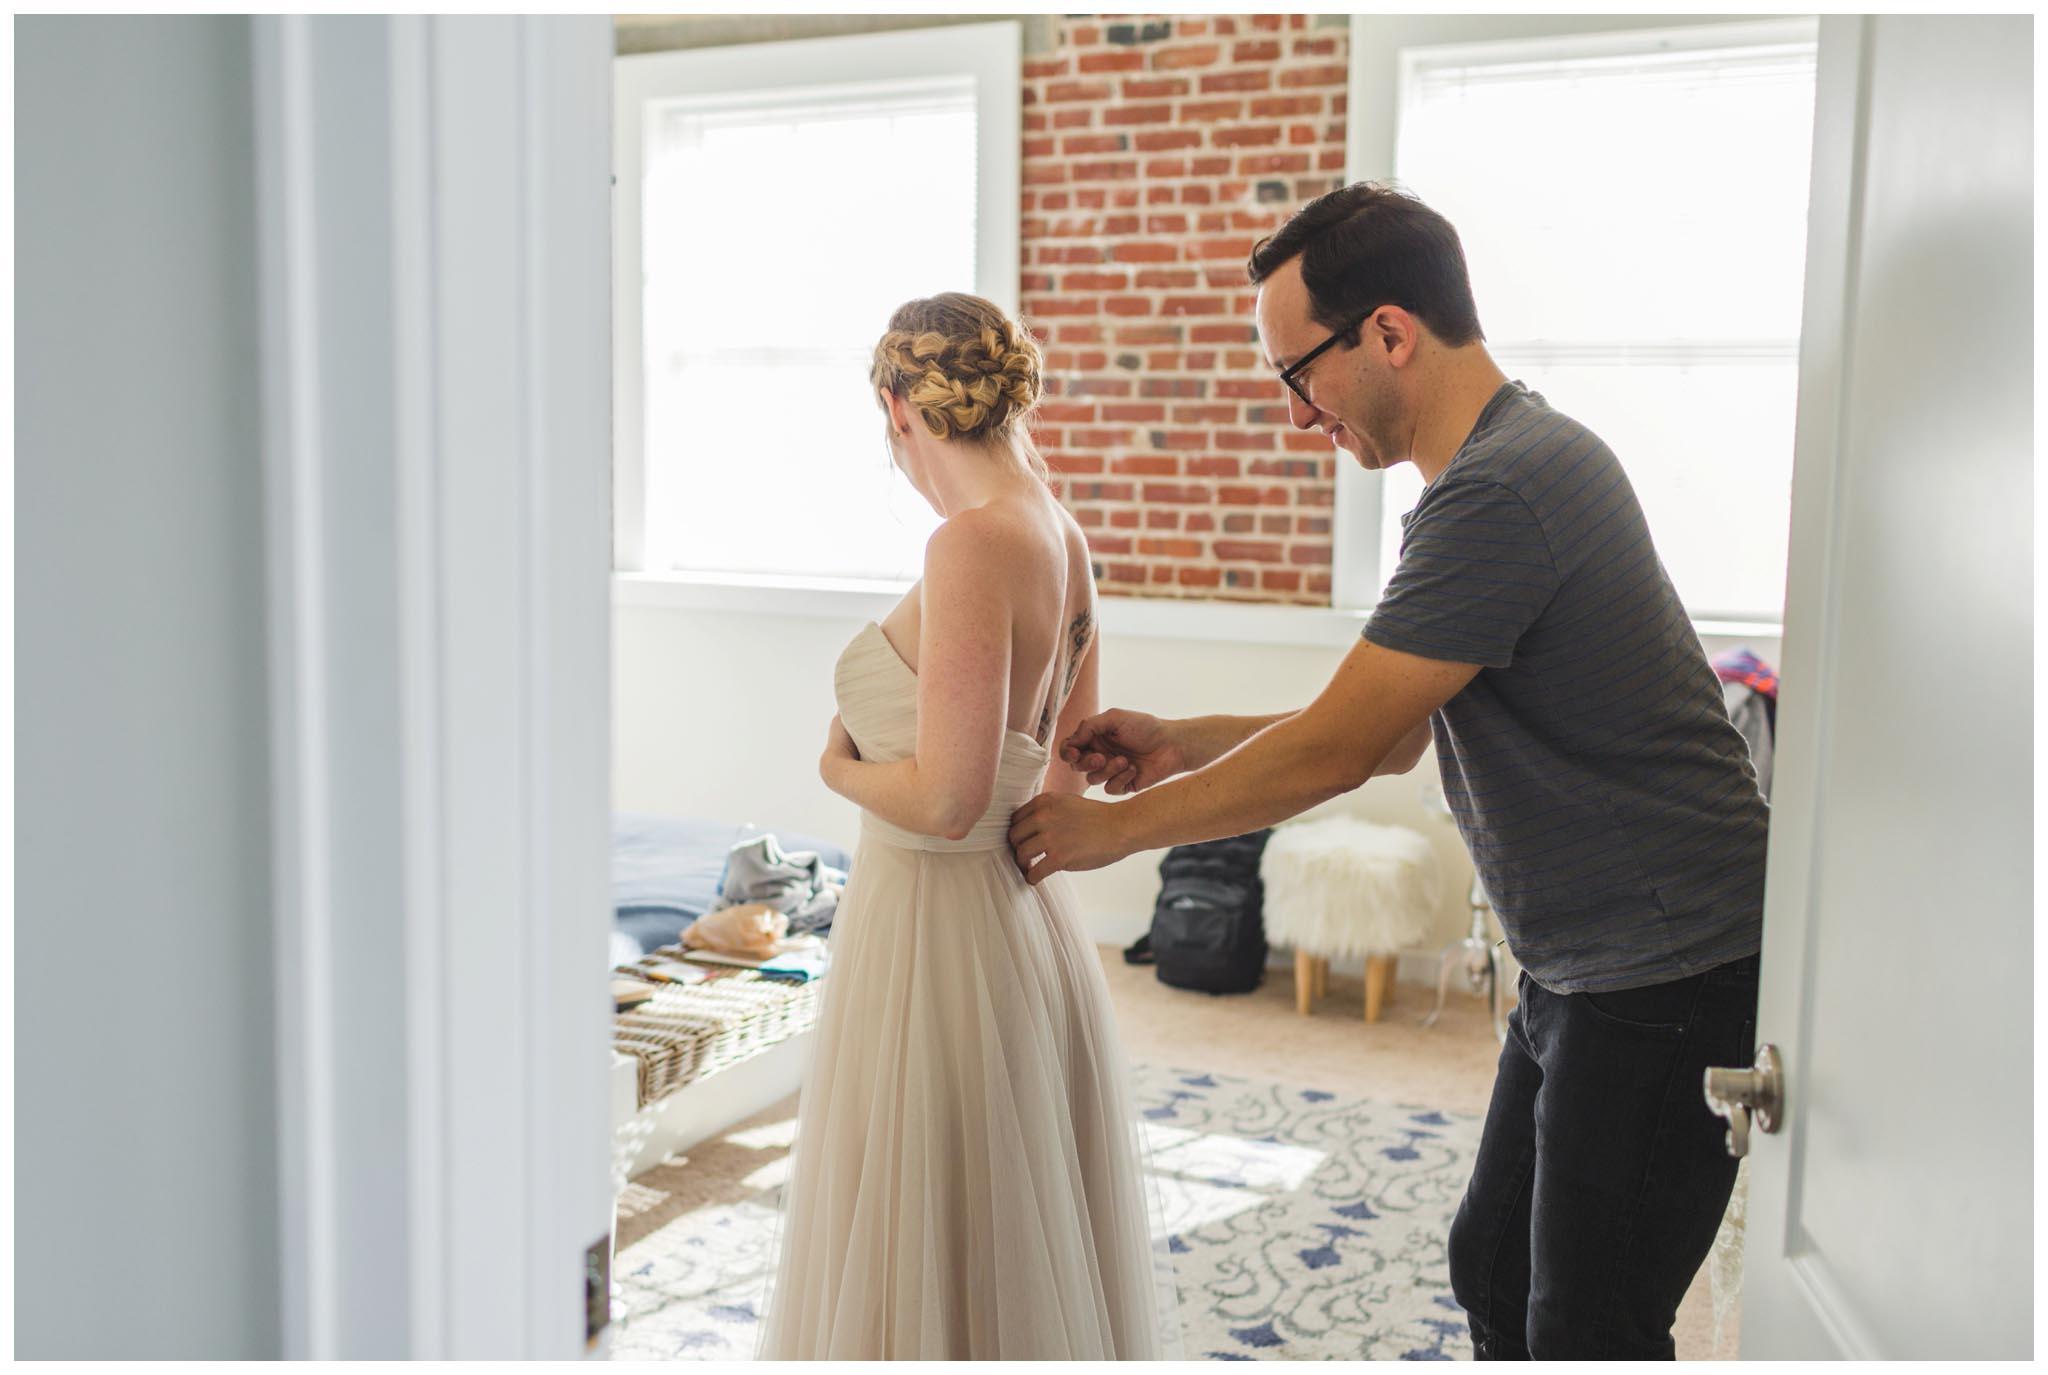 husband, wife, getting ready, wedding